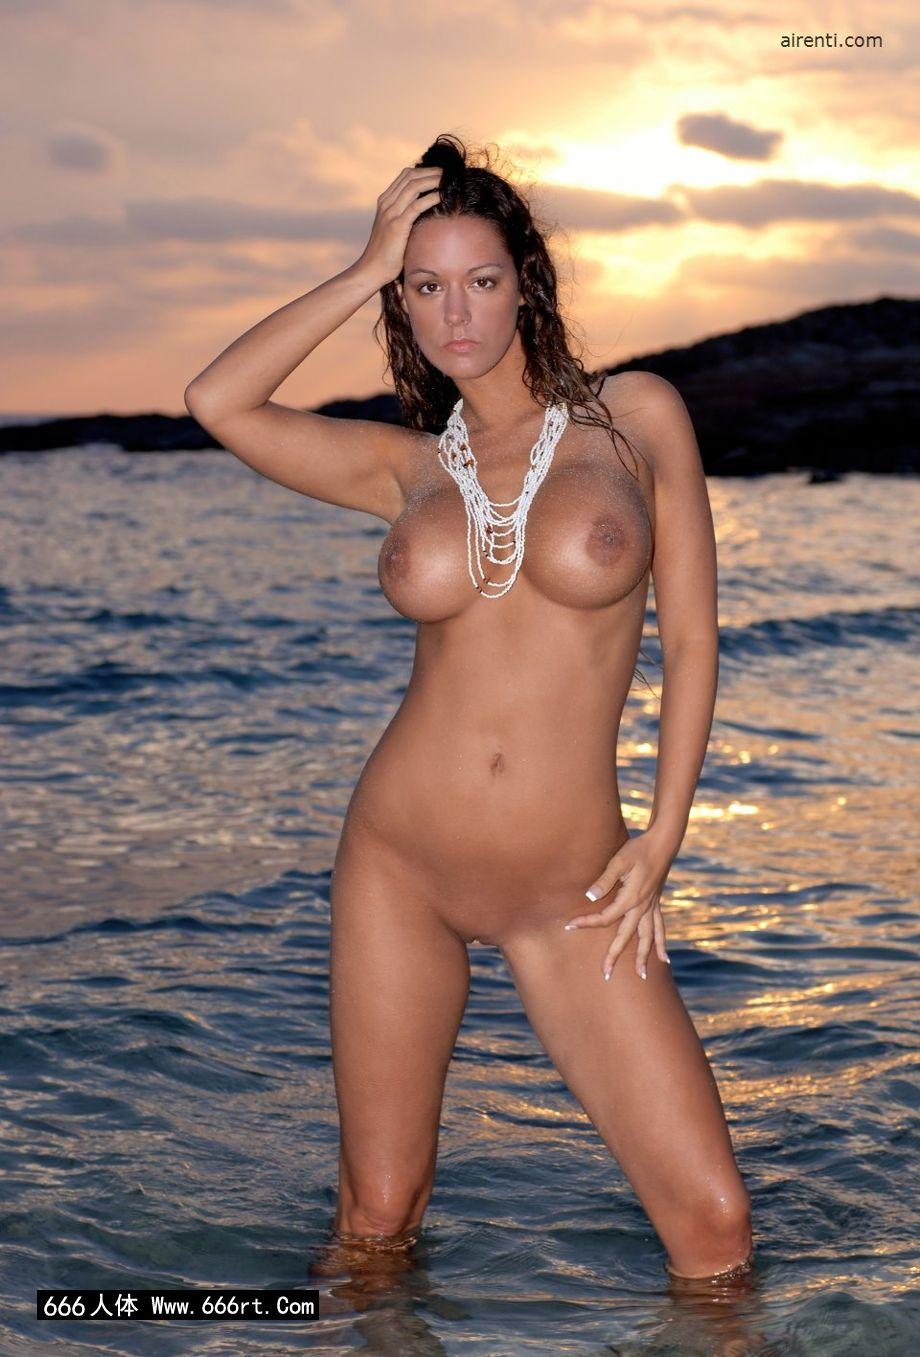 艳丽美人Cecilia黄昏海边外拍人体